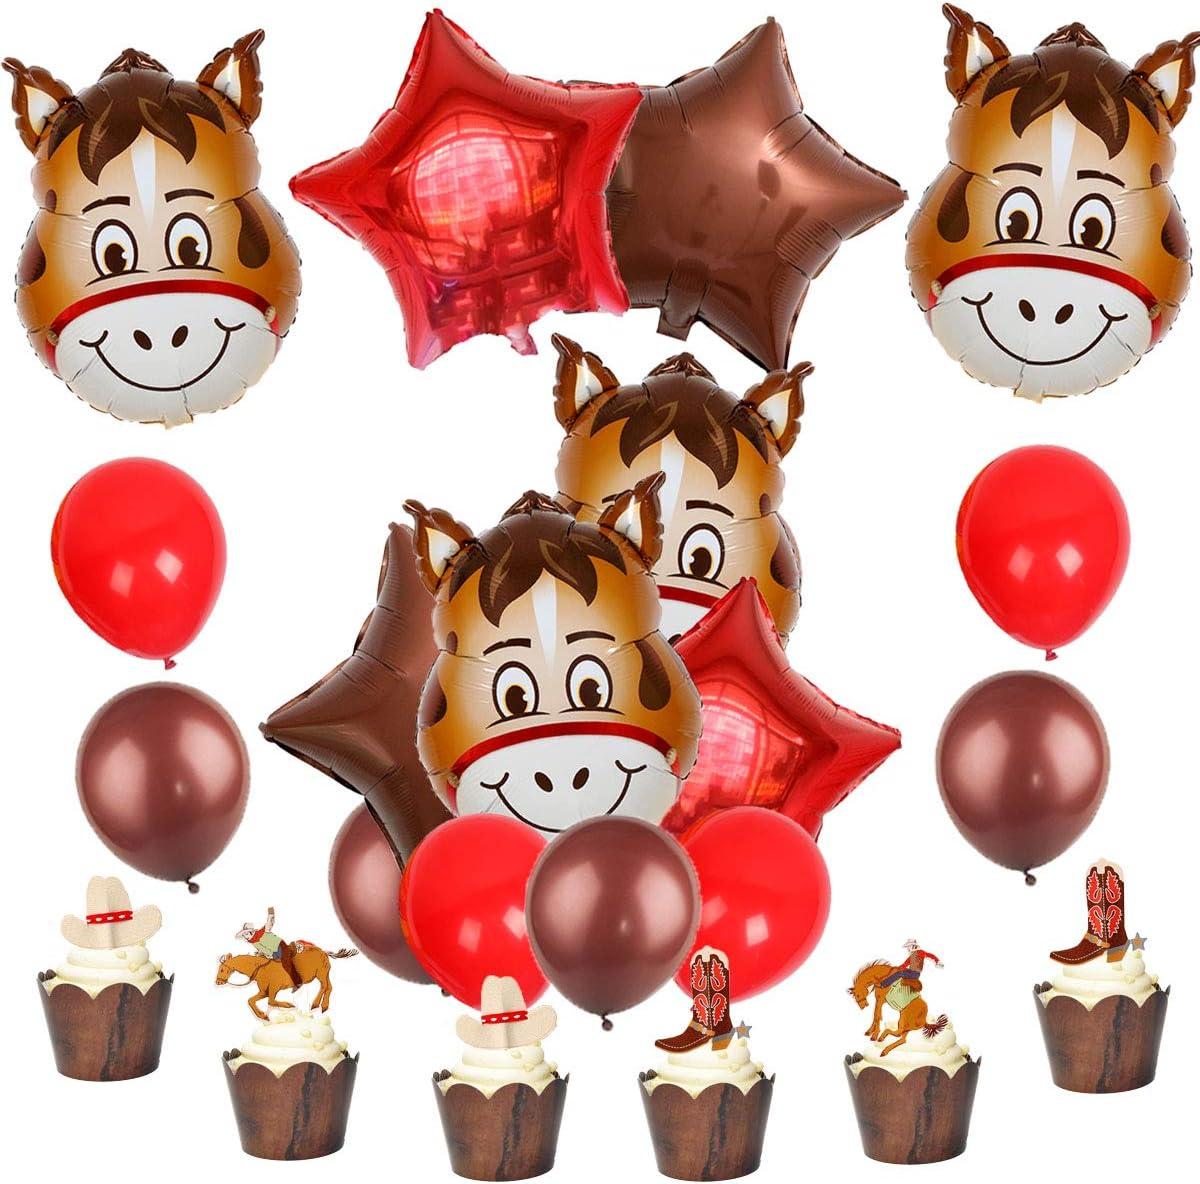 Los artículos y decoraciones de Western Cowboy Party incluyen globos para caballos y adornos para pasteles